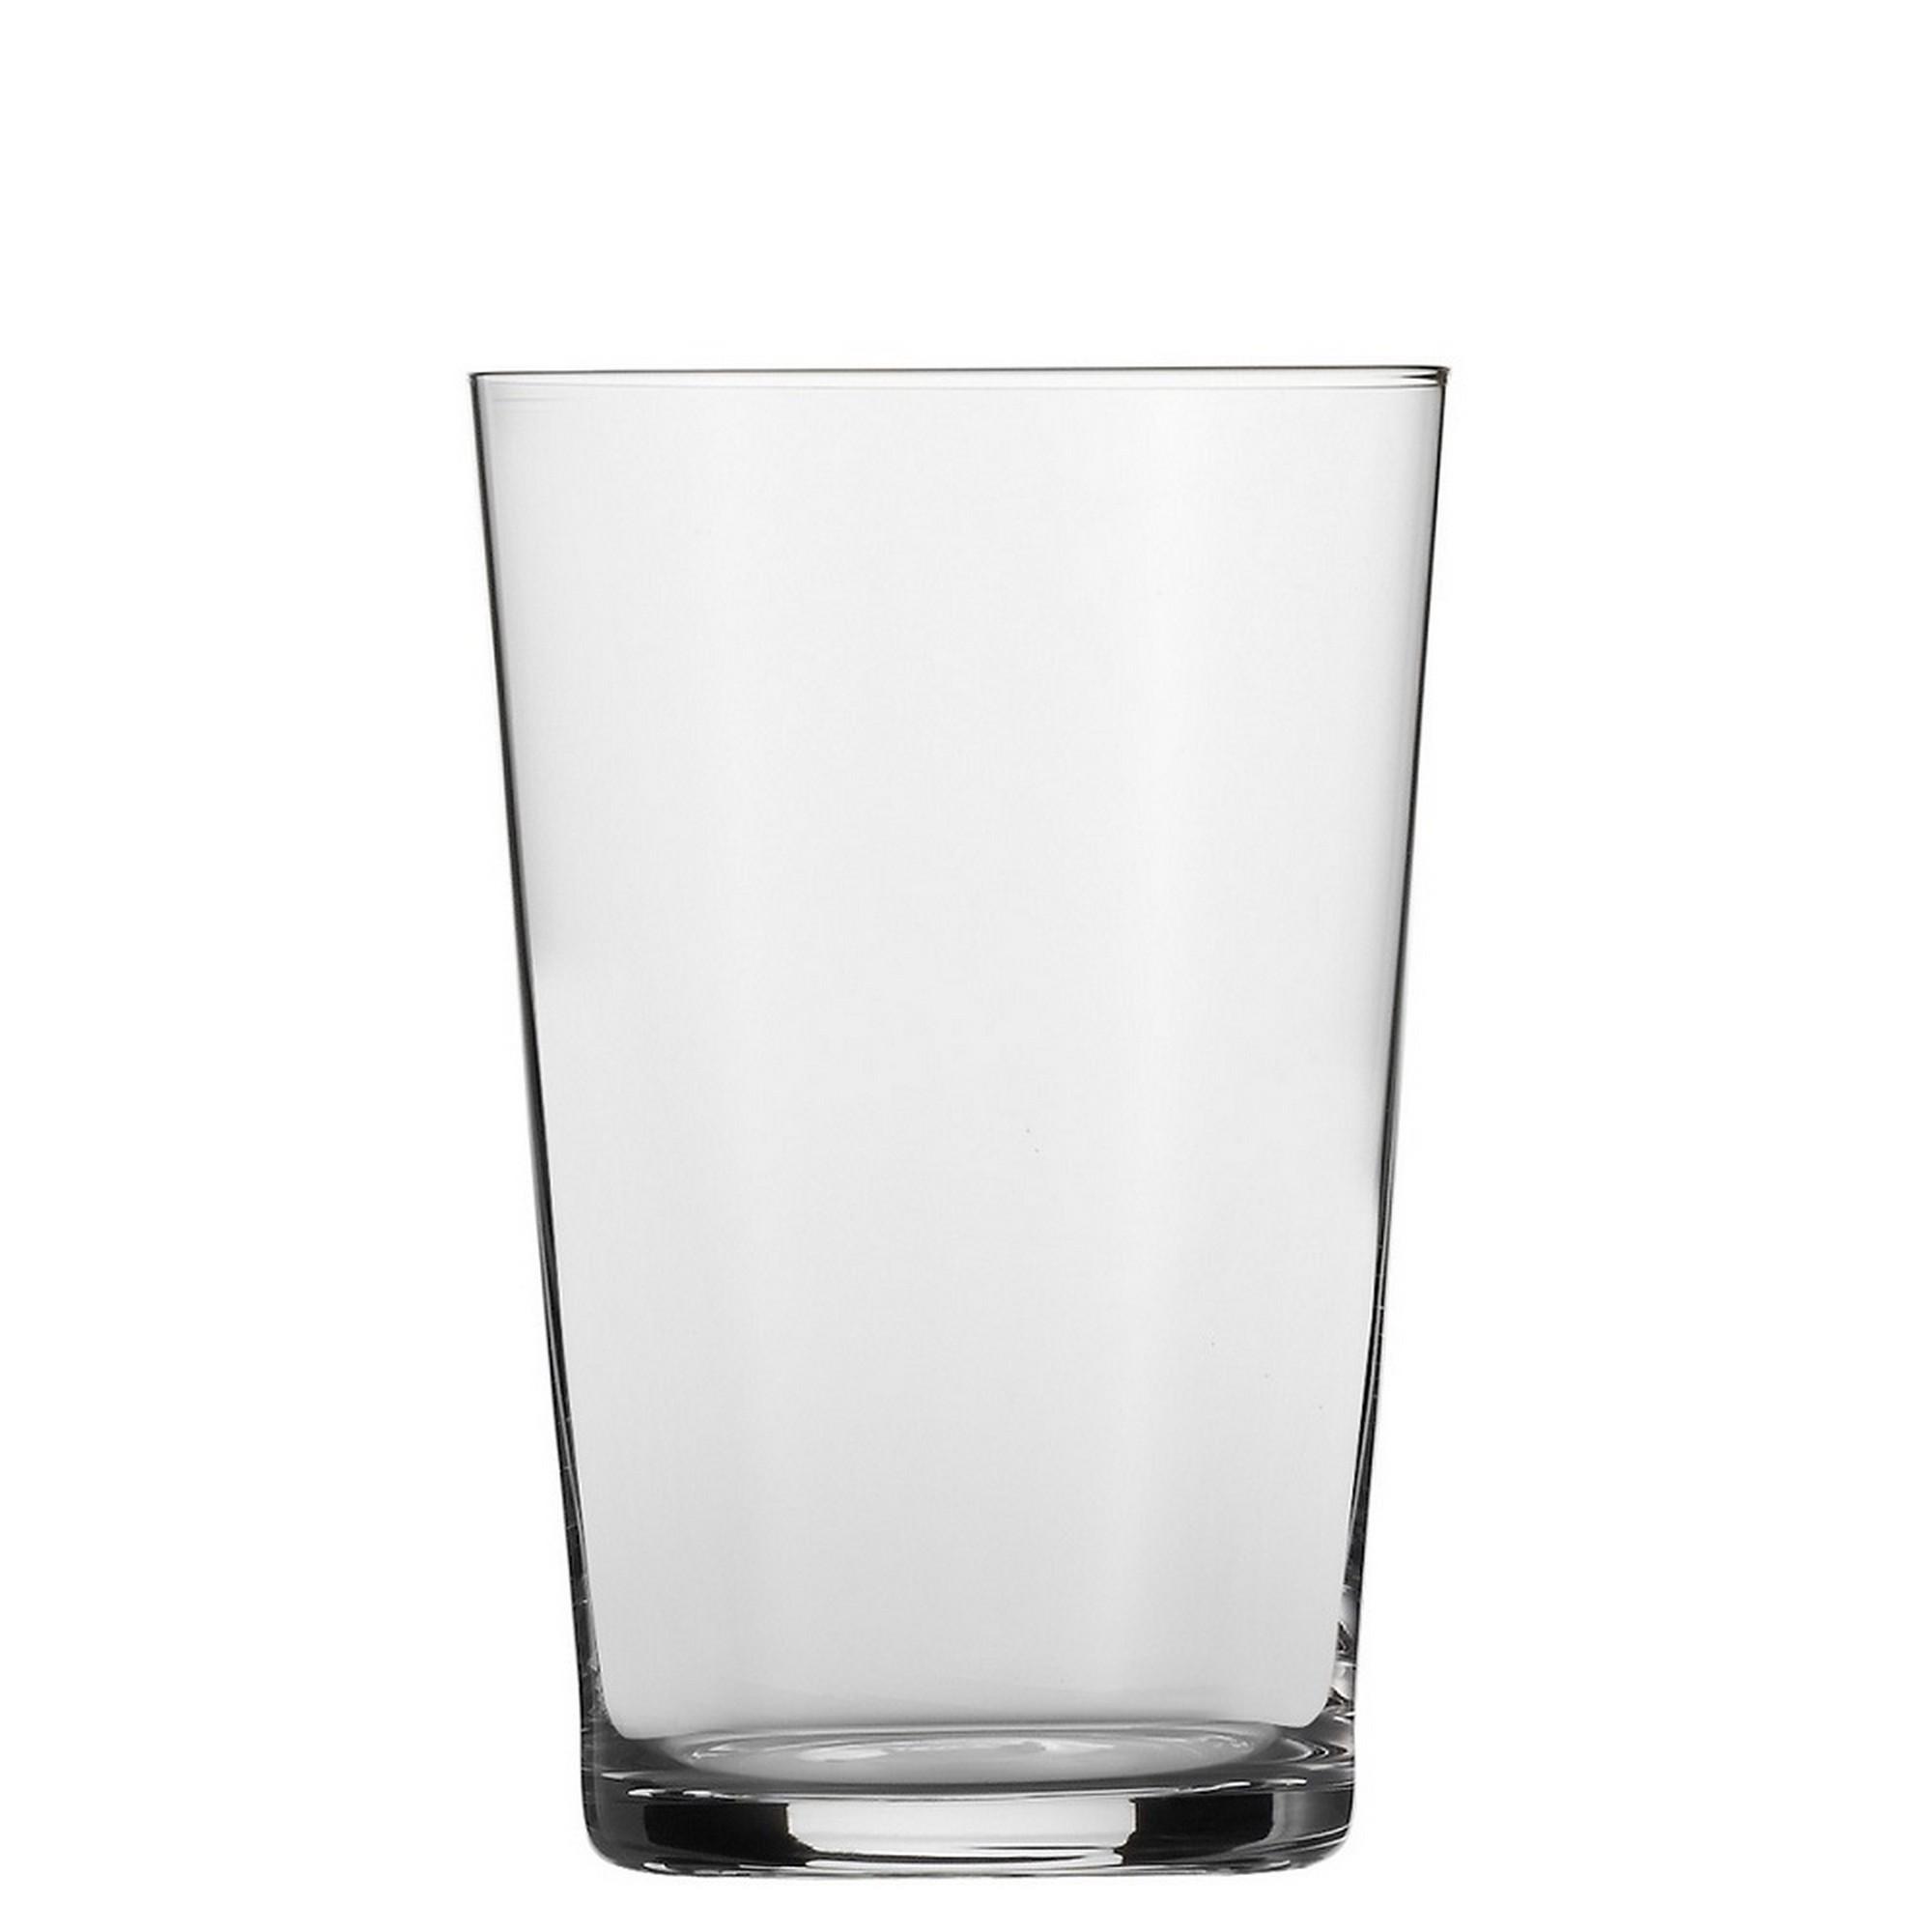 Copo Softdrink Nº 2 Schott Zwiesel Basic Bar Selection 539ml 6 Peças de Cristal